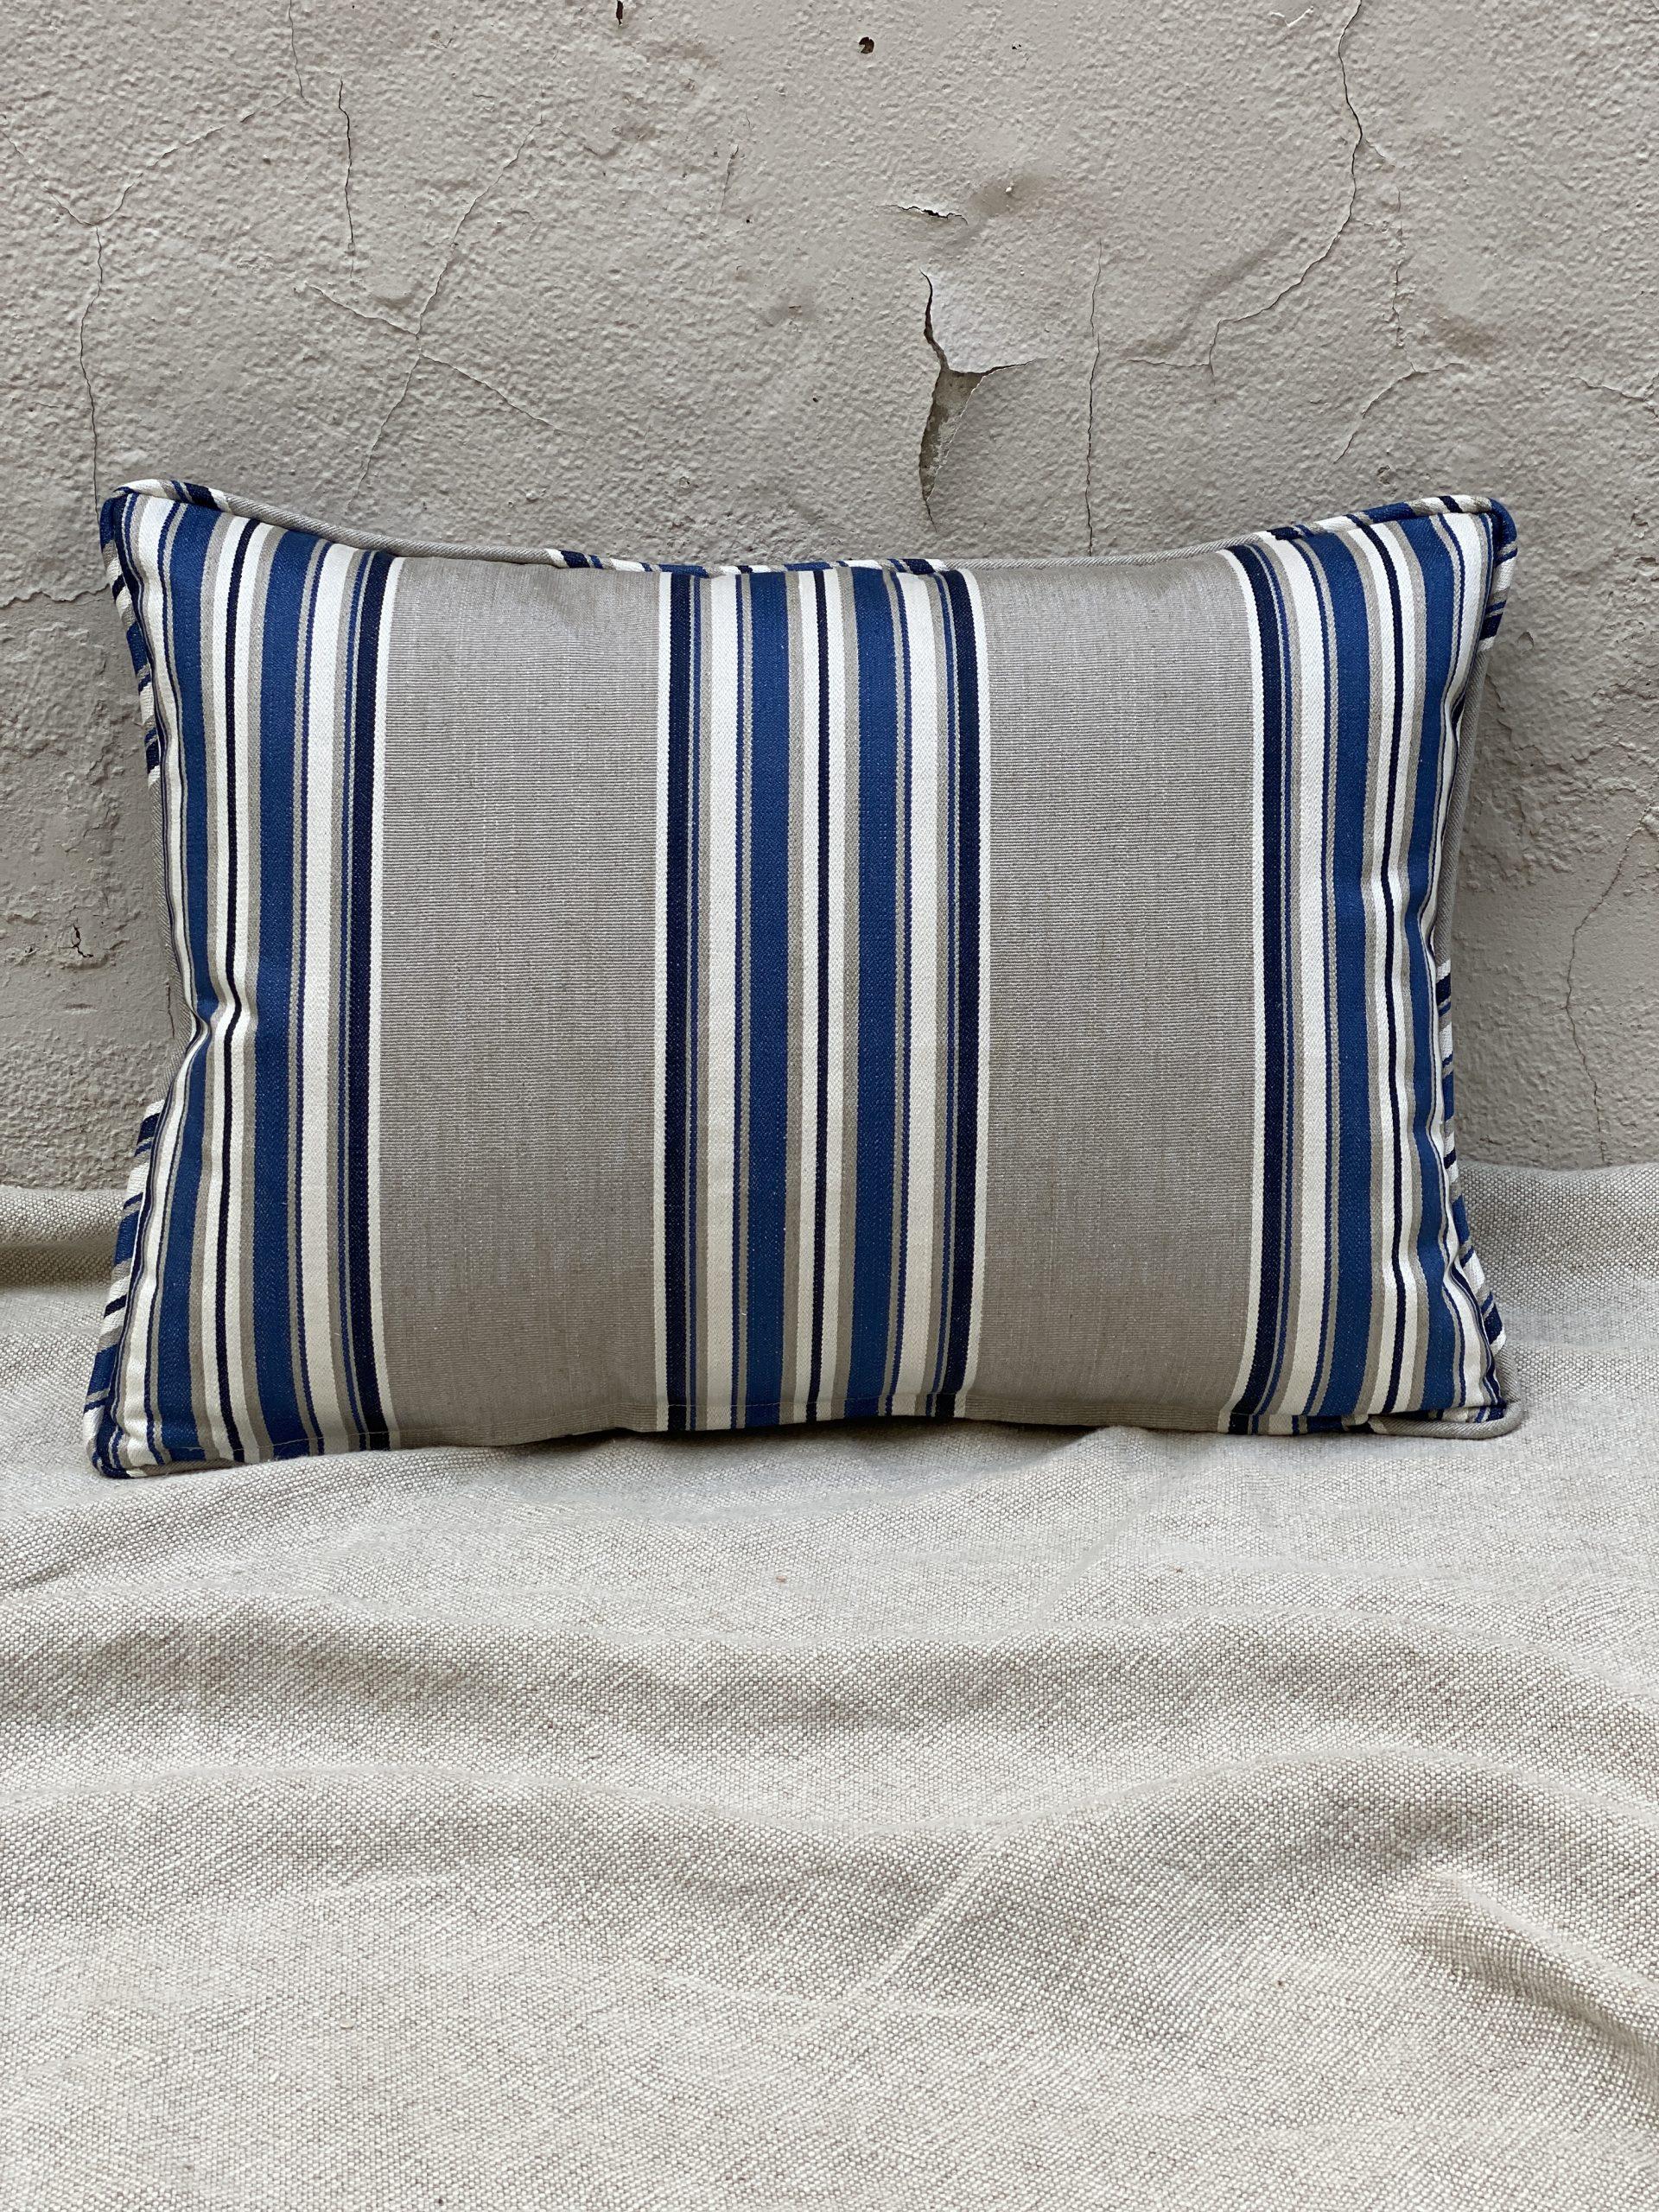 Andy Staszak Pillows